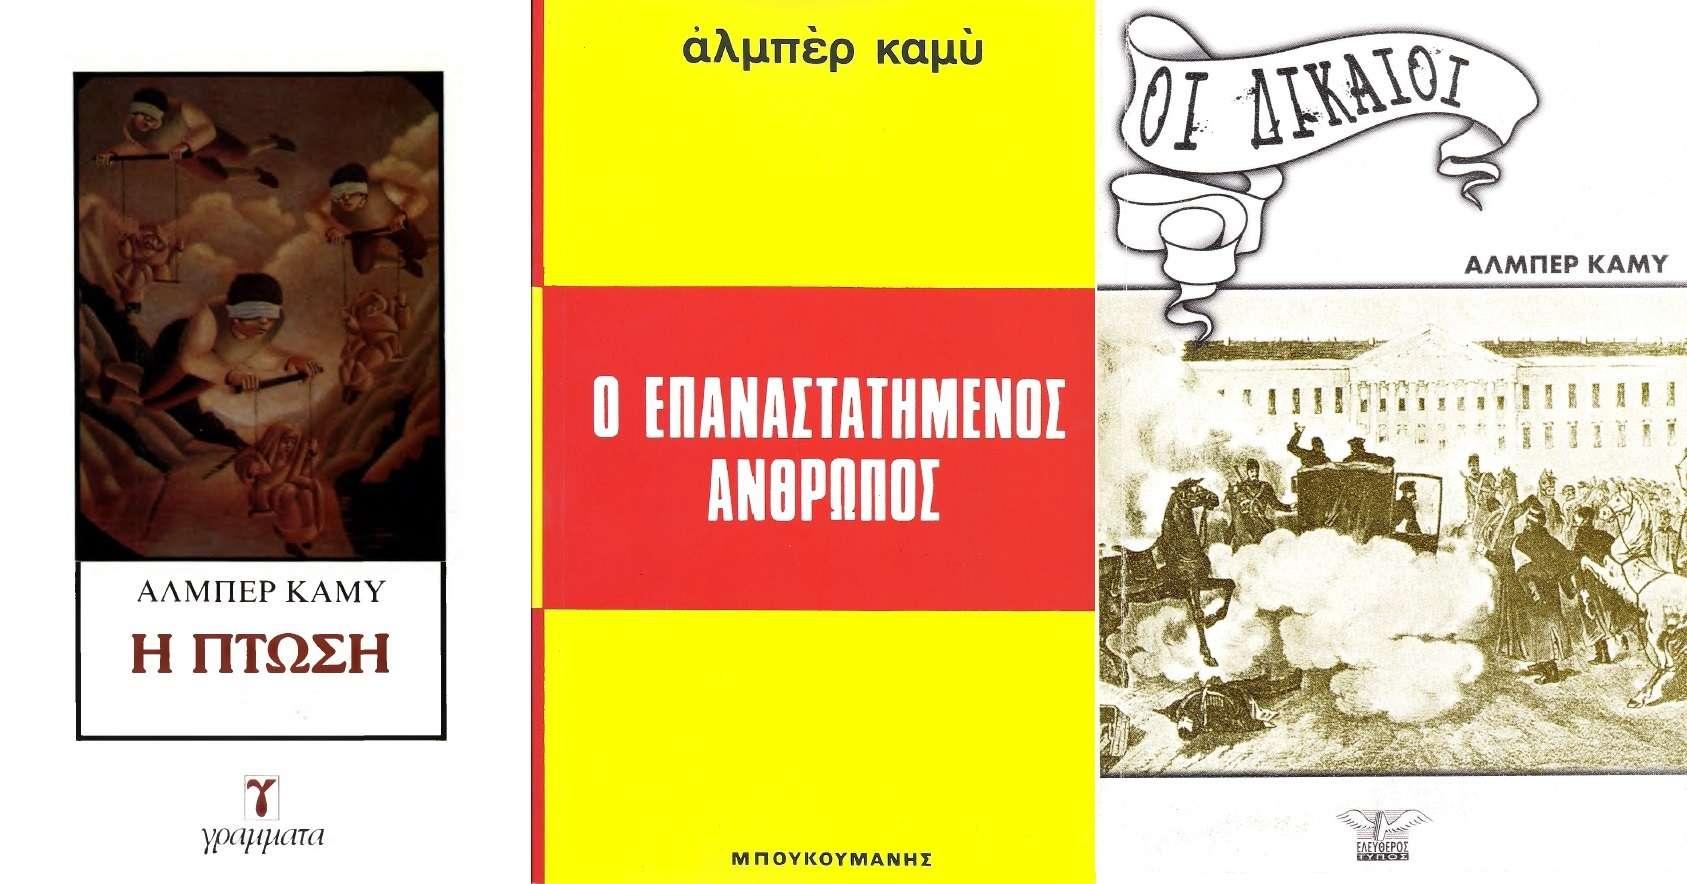 Κατεβάστε δωρεάν: 5 βιβλία του Αλμπέρ Καμύ (pdf)